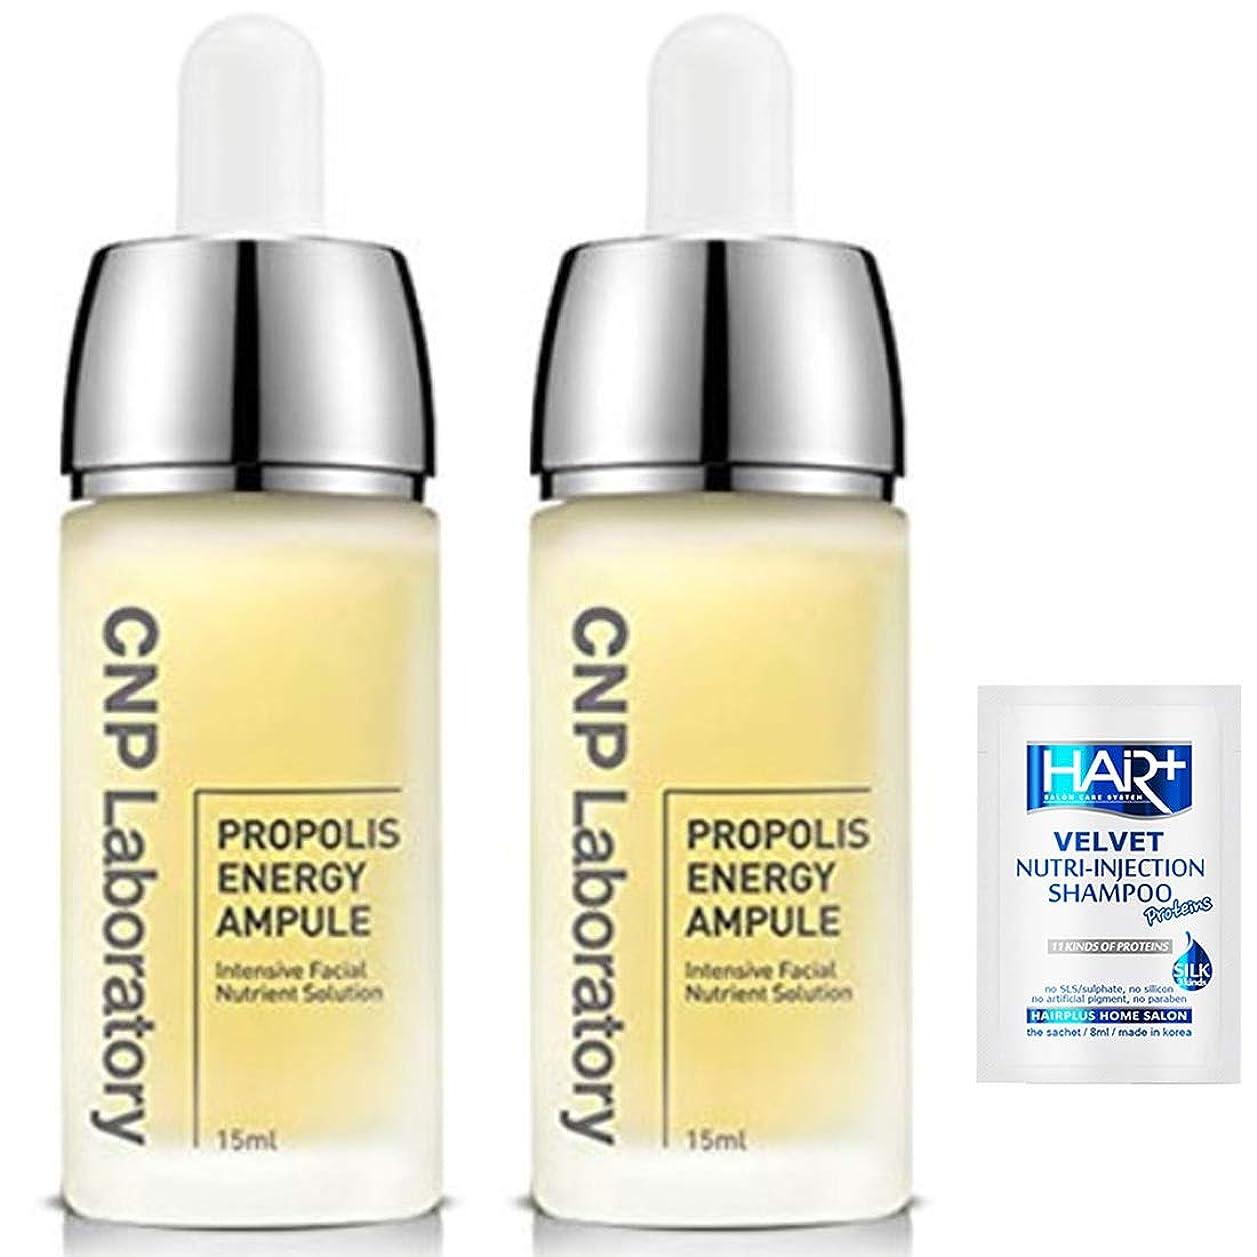 添加保険グレートバリアリーフ【CNP Laboratory】プロポリス エネルギーアンプル 15ml X 2EA+HairPlus NonSilicon Shampoo 8ml